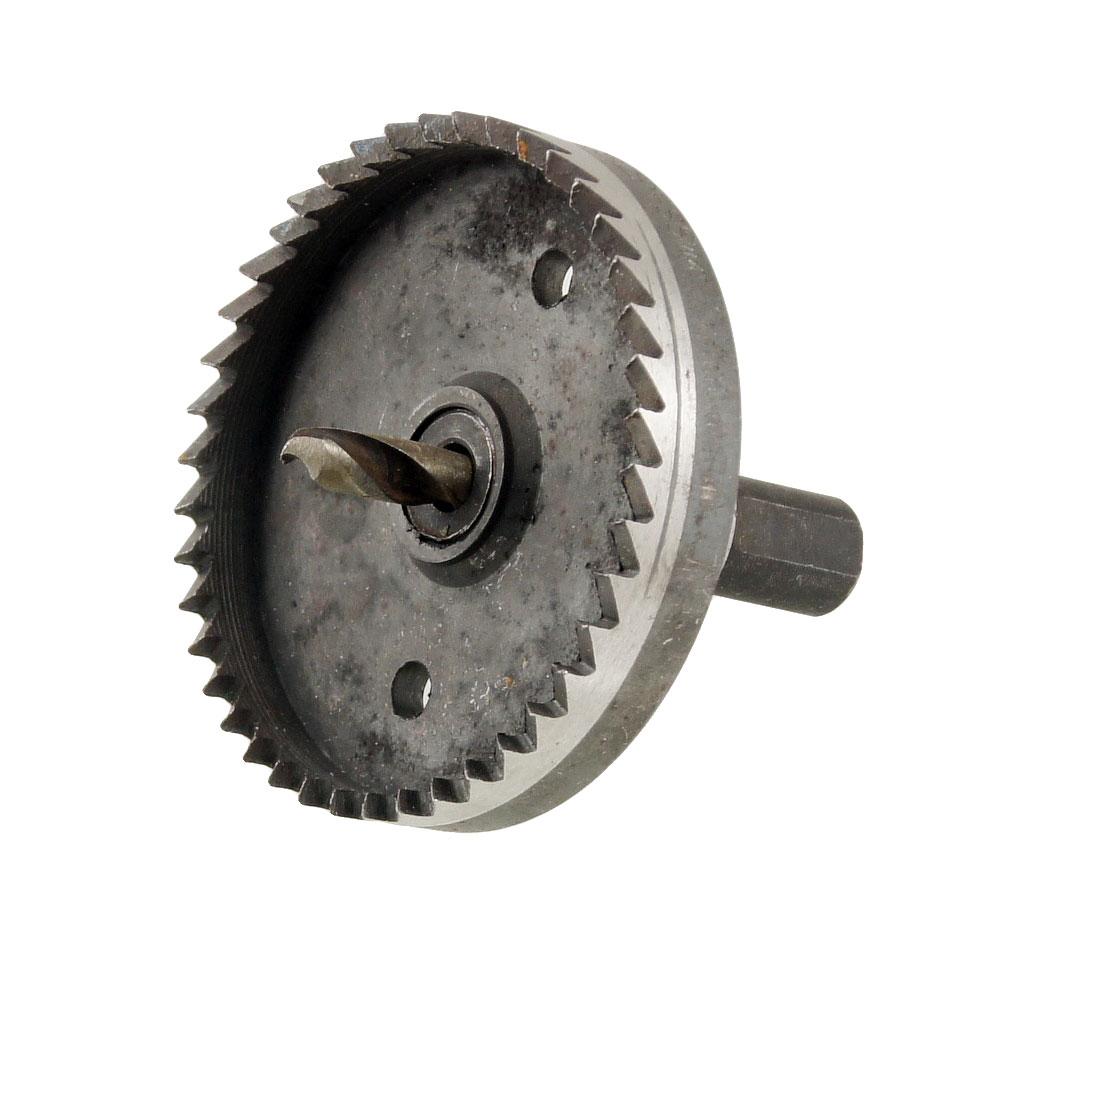 HSS 65mm Dia High Speed Steel Metal Drilling Bit Hole Saw Tool